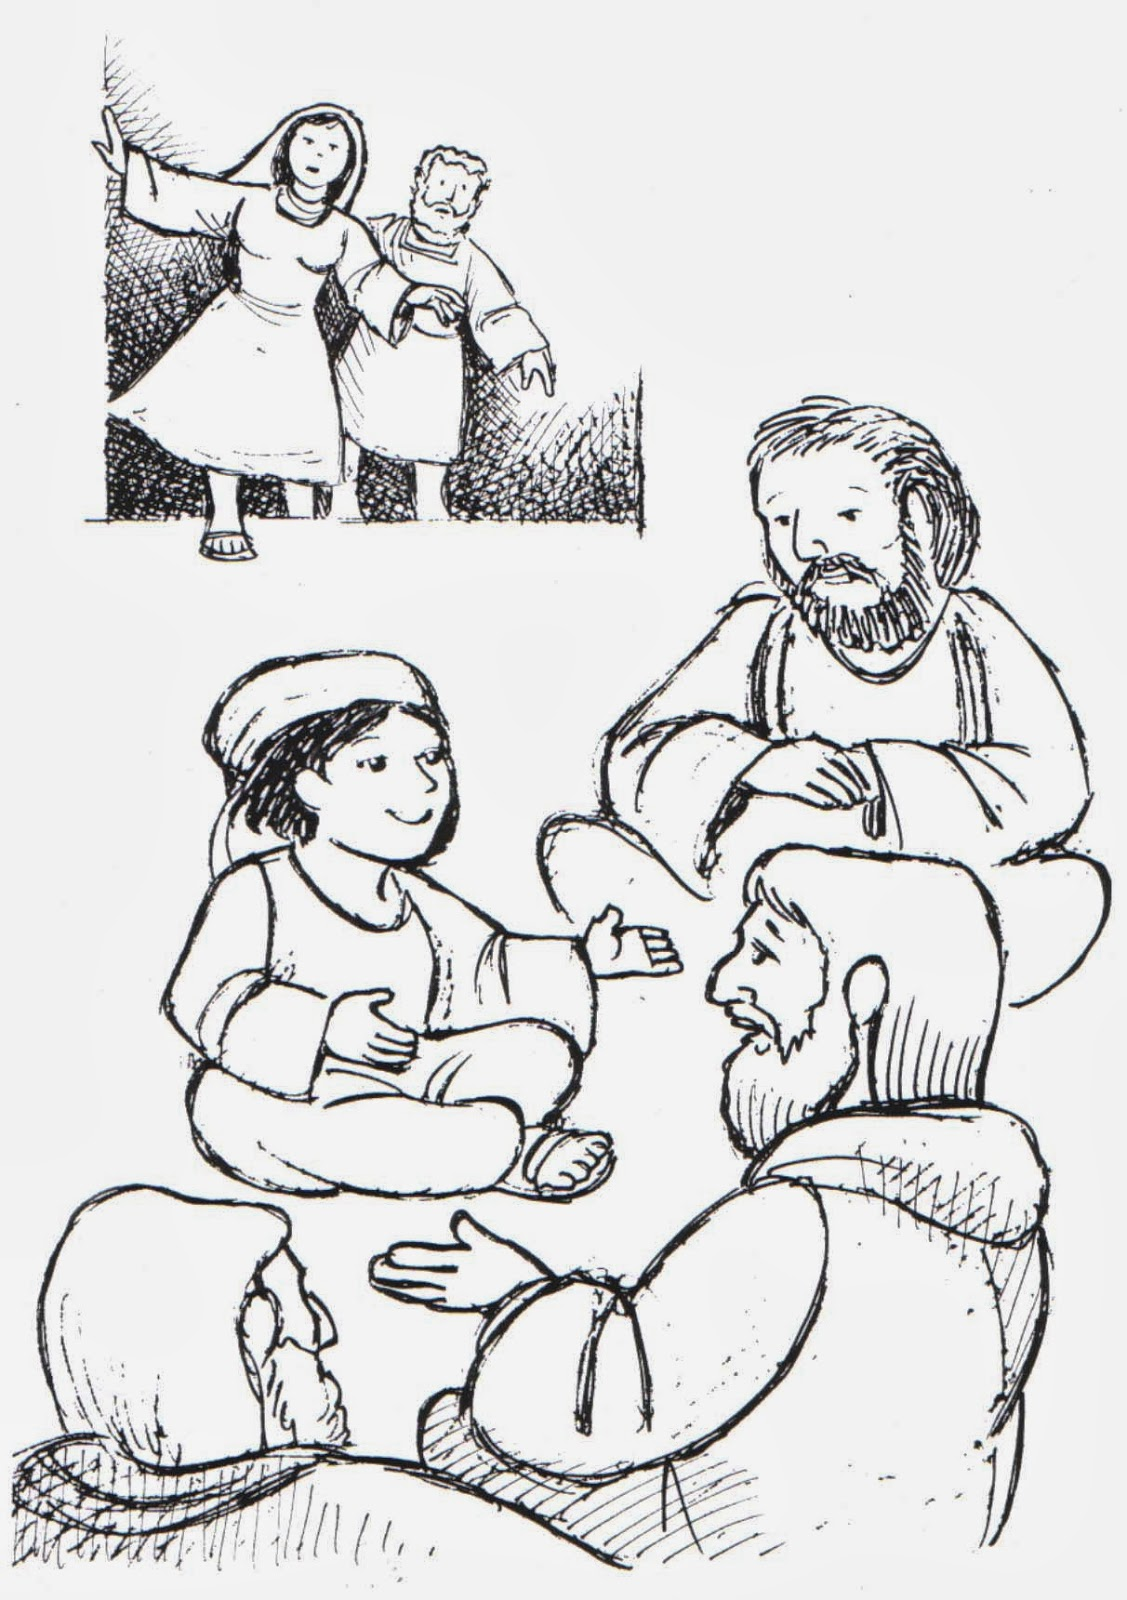 El Renuevo De Jehova: Jesus En El Templo - Imagenes para ...